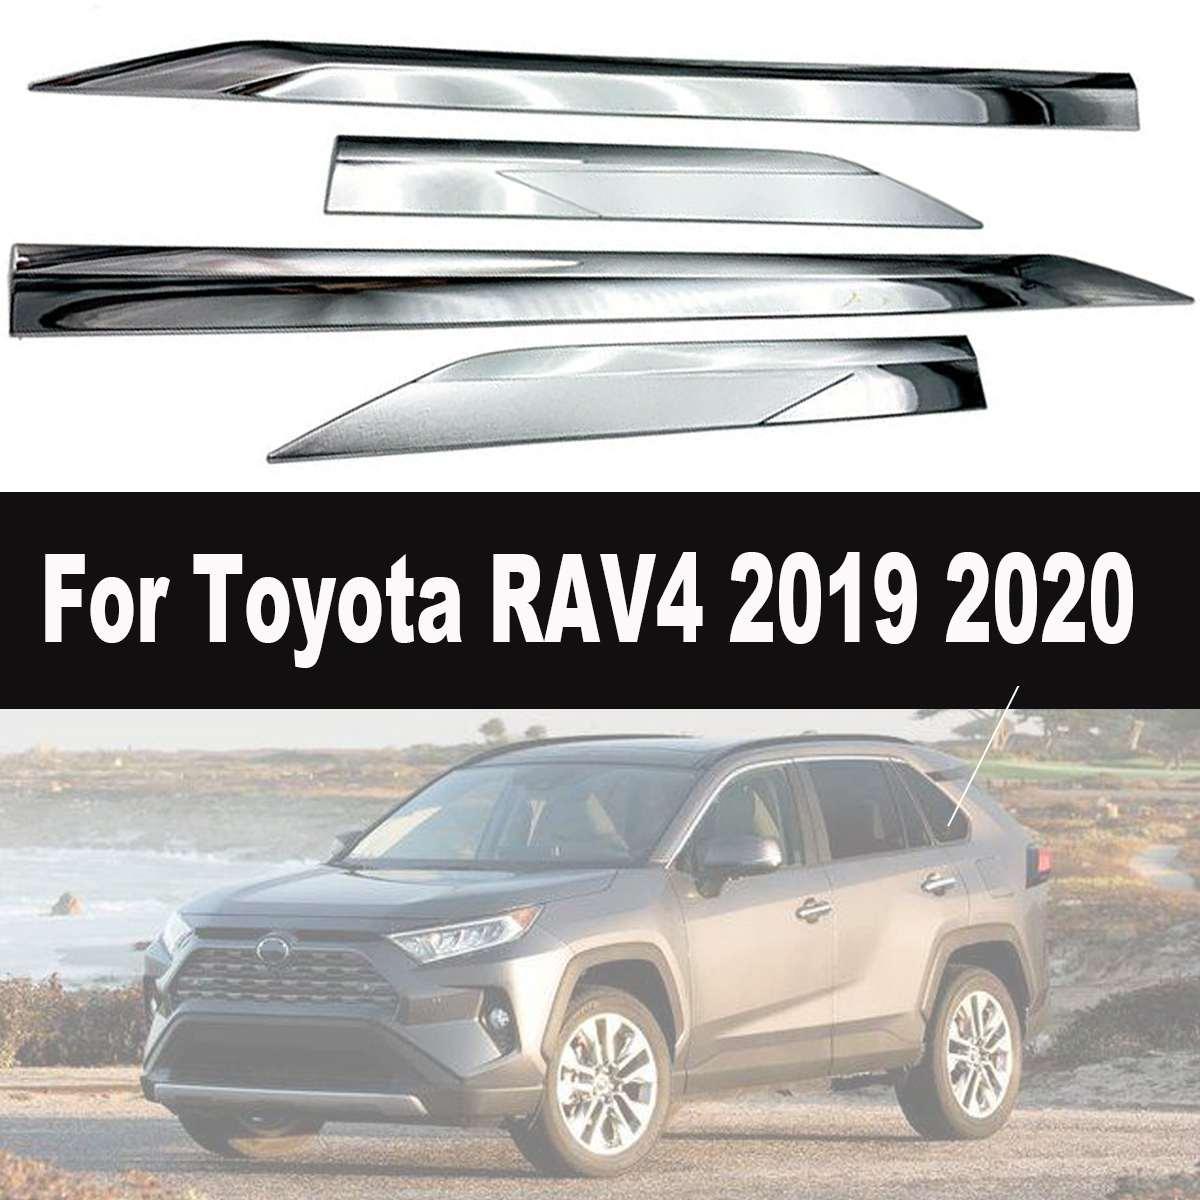 Garniture de panneau de moulage de corps de porte latérale ABS Chrome couverture pour Toyota pour RAV4 2019 2020 bandes latérales garniture de voiture Chrome style